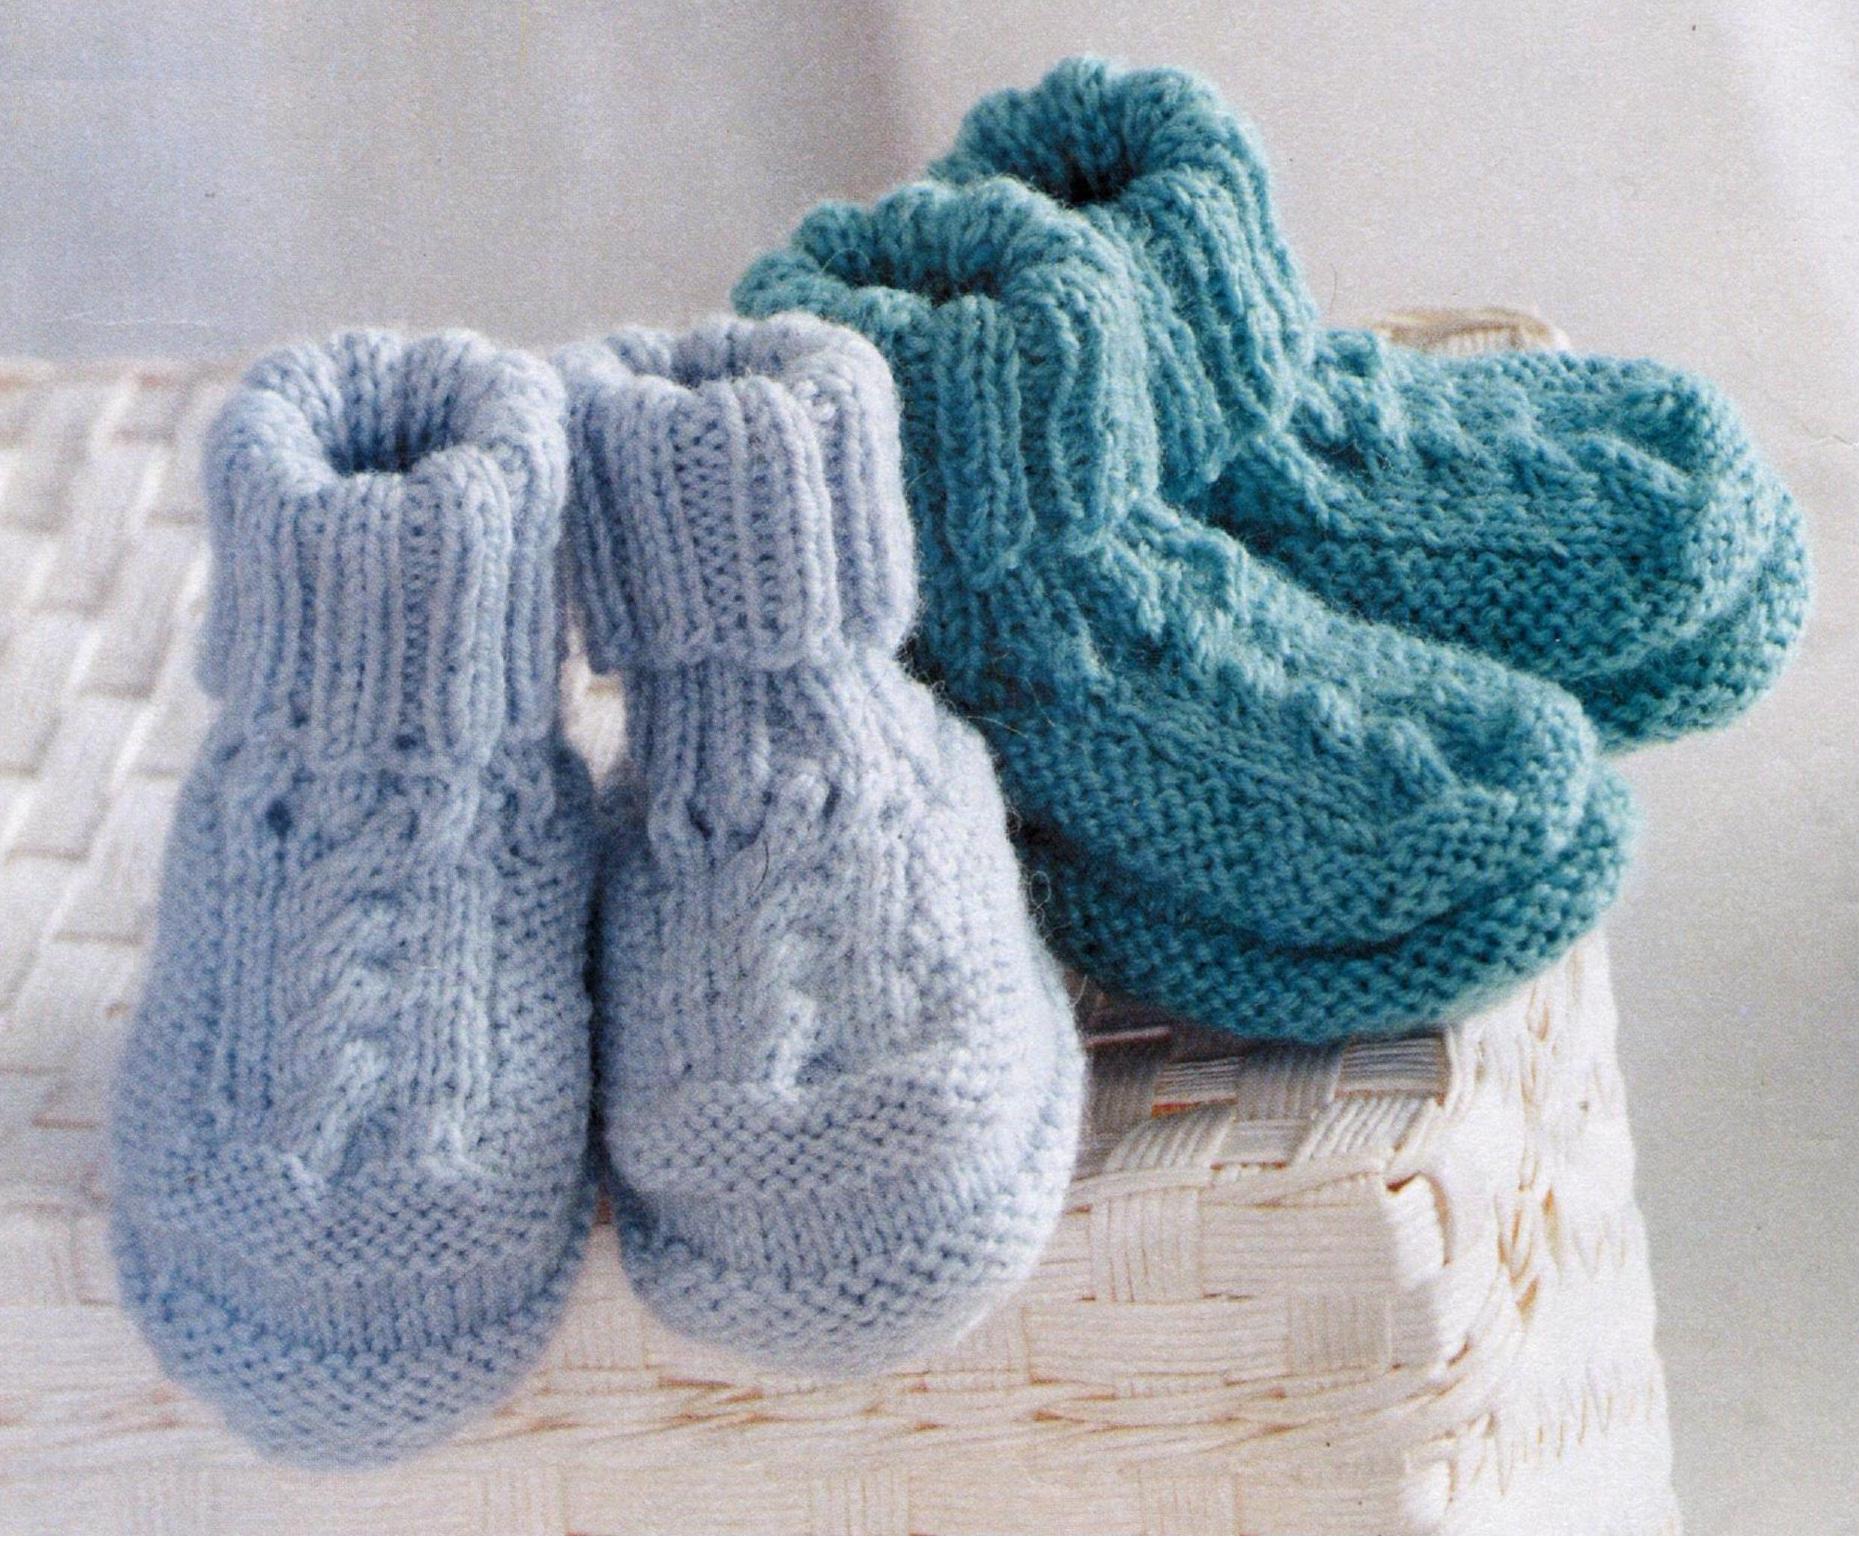 Пинетки для новорожденного вязаные спицами